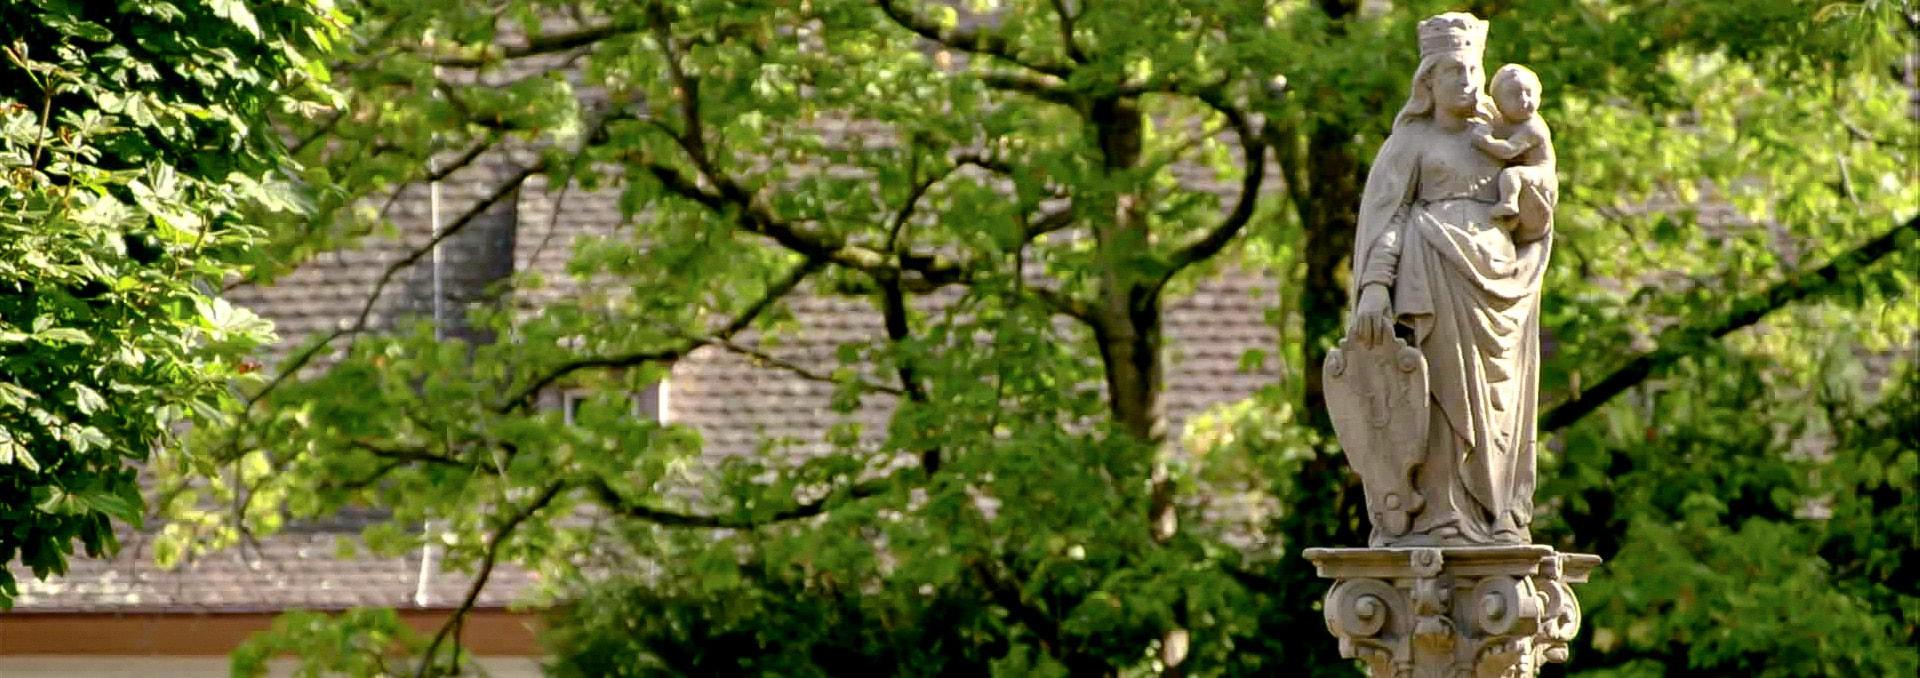 Klosterinnenhof mit Maria auf dem Brunnen